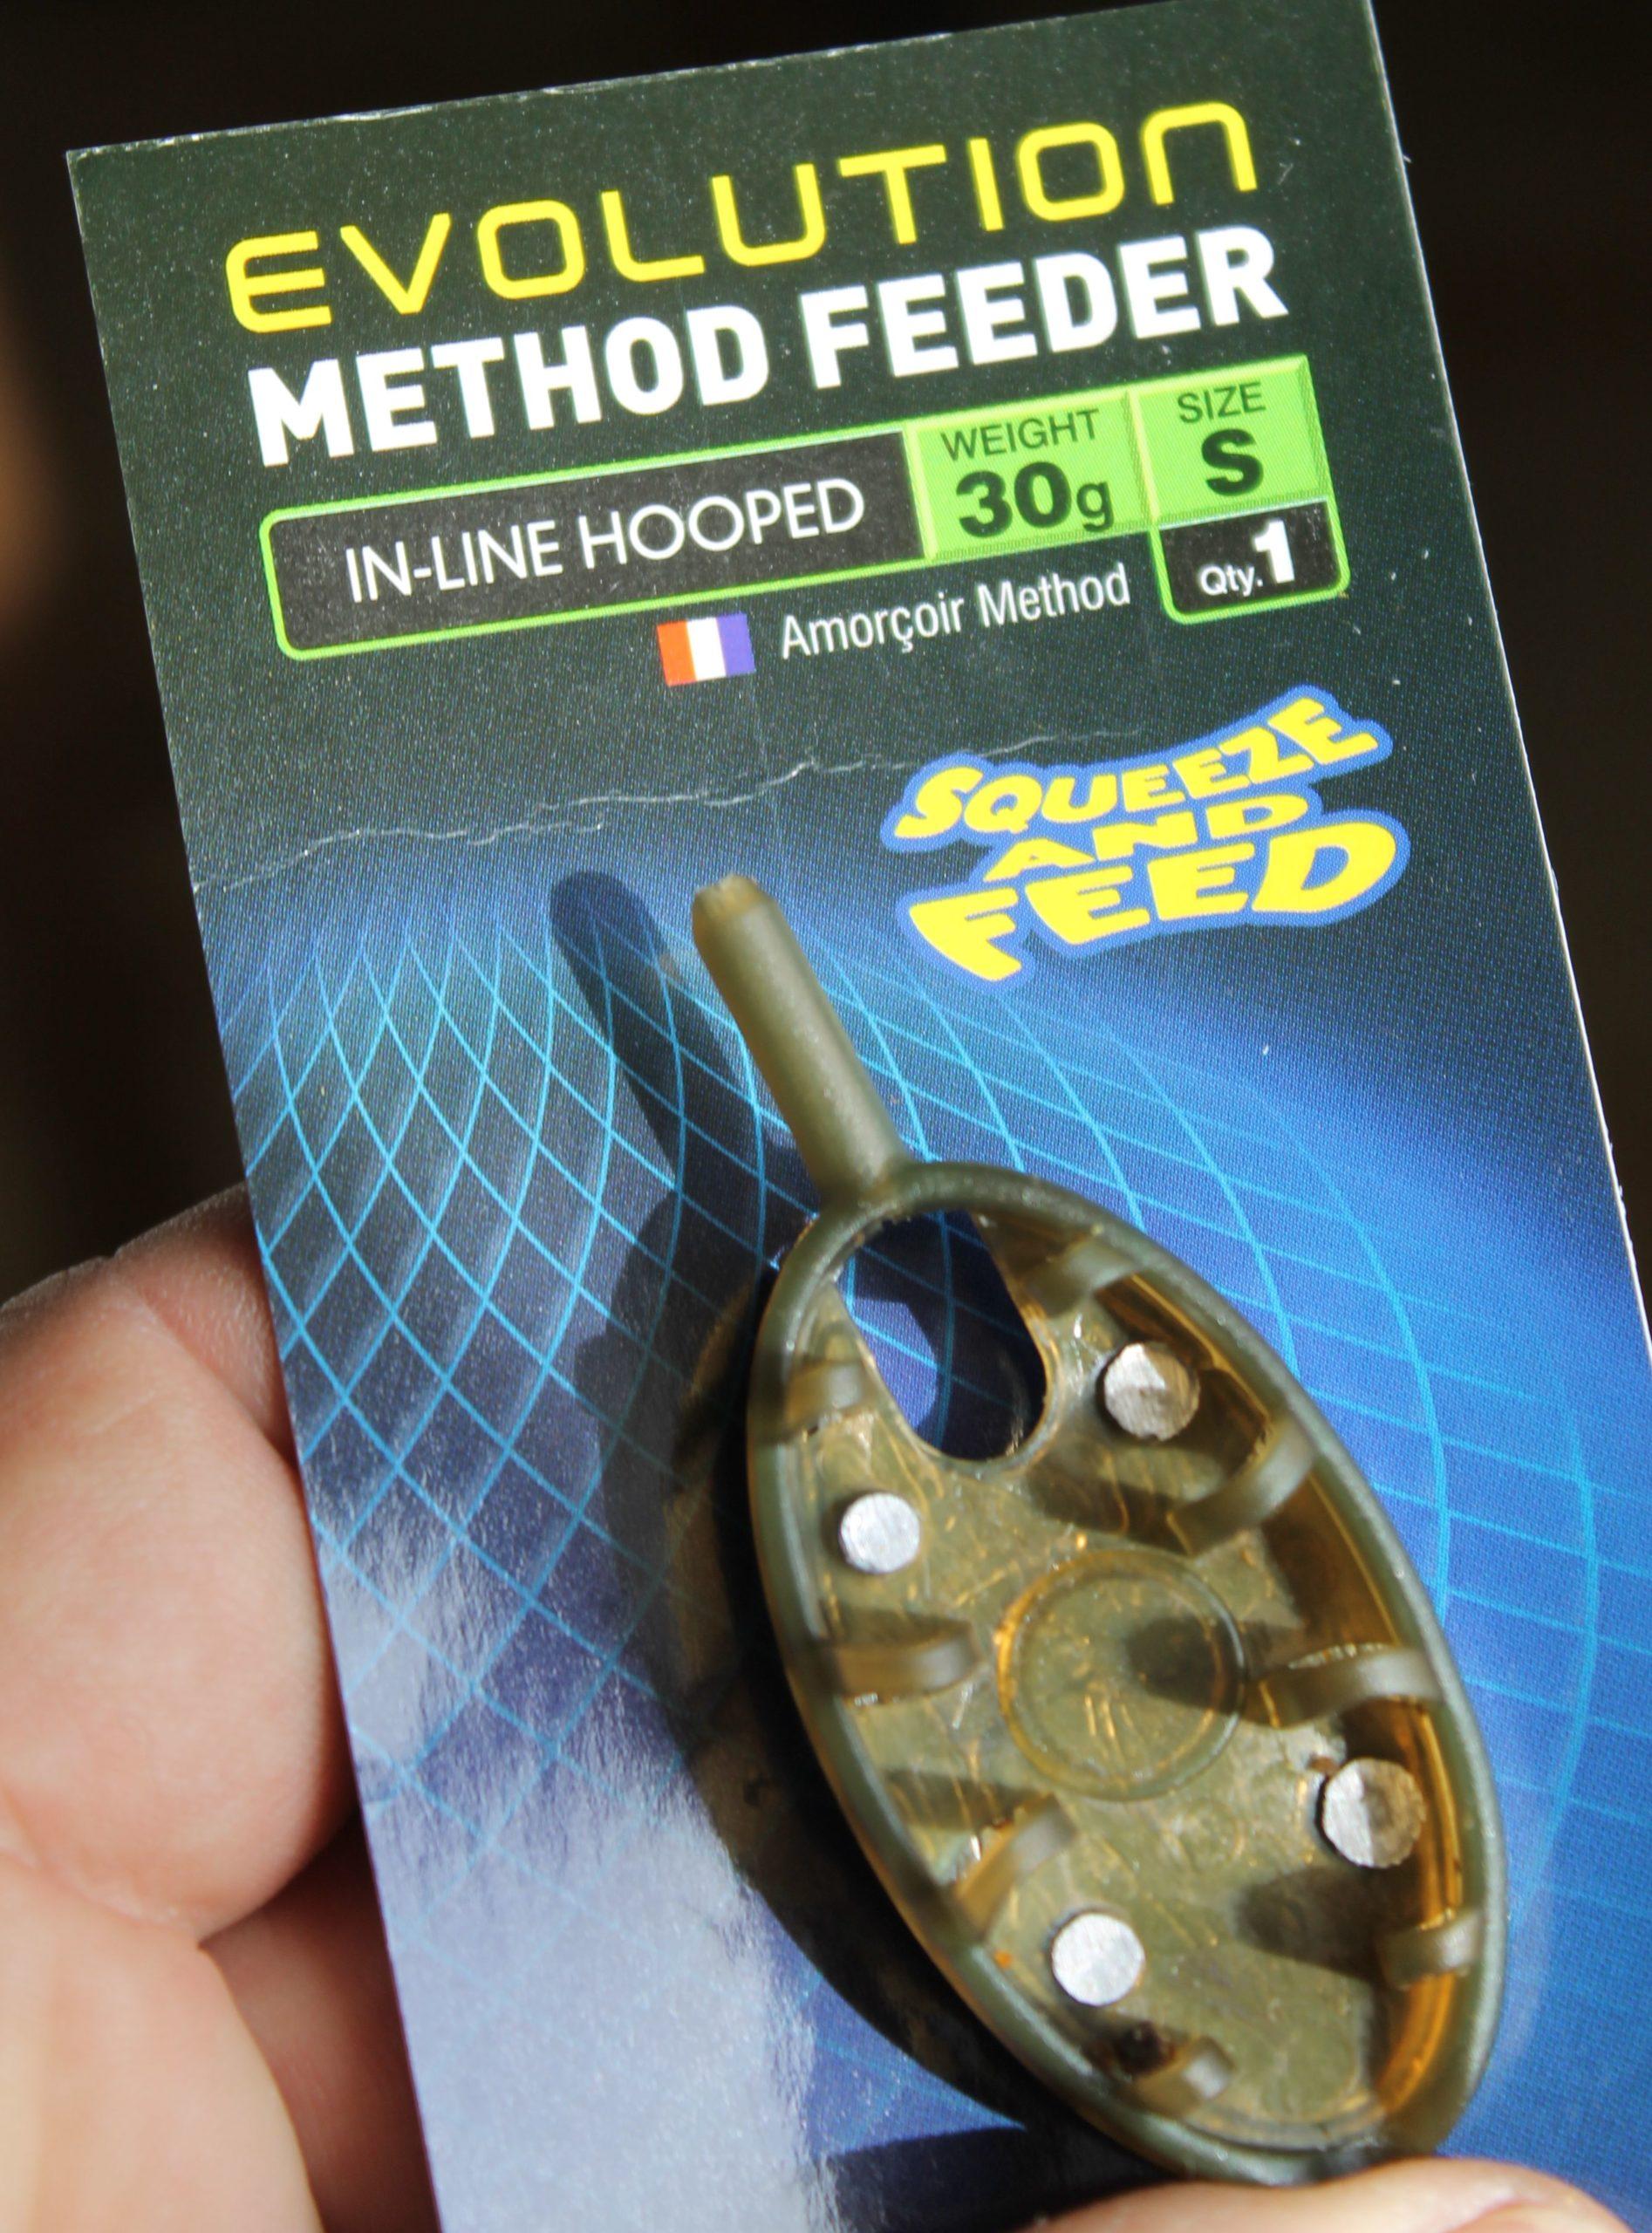 Evolution Method Feeder